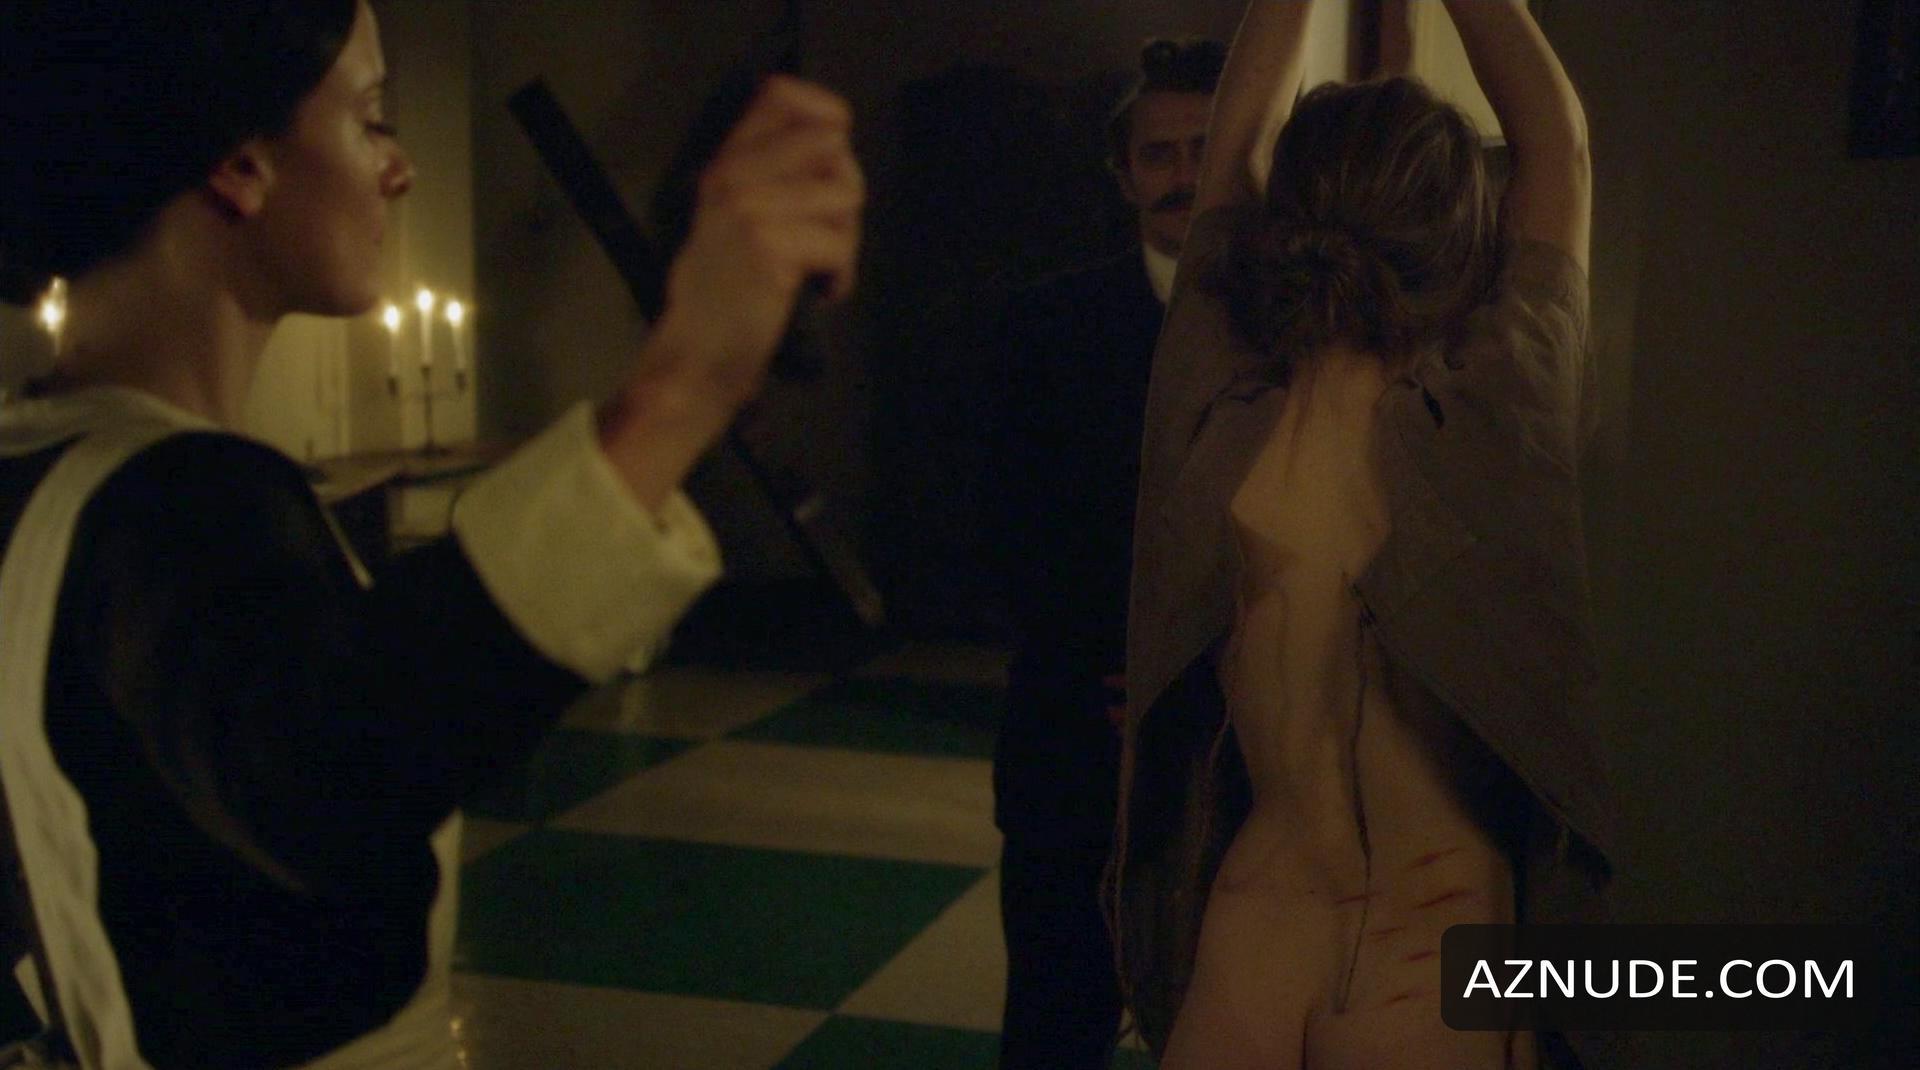 Amanda Batula Naked browse celebrity whipping images - page 2 - aznude